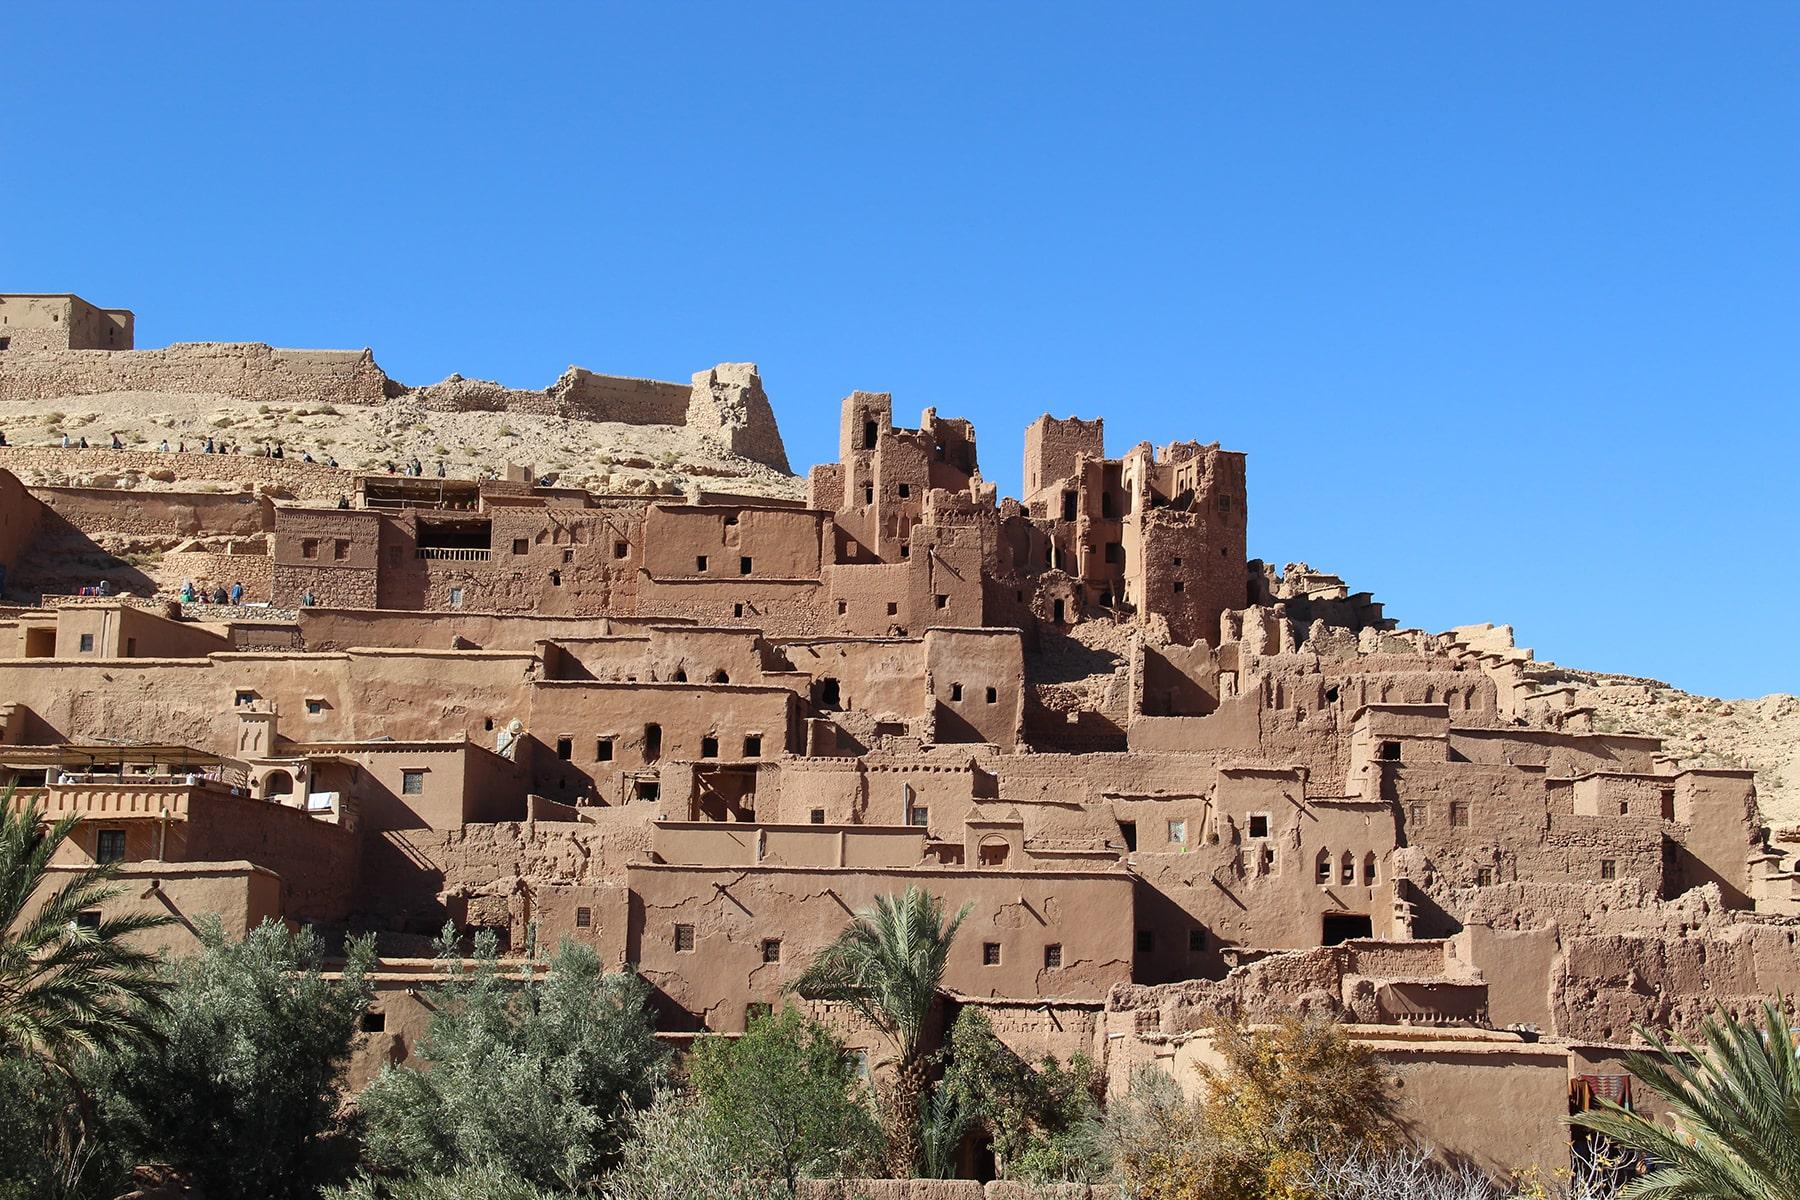 Ksar di Ait Benhaddou con case e kasbah